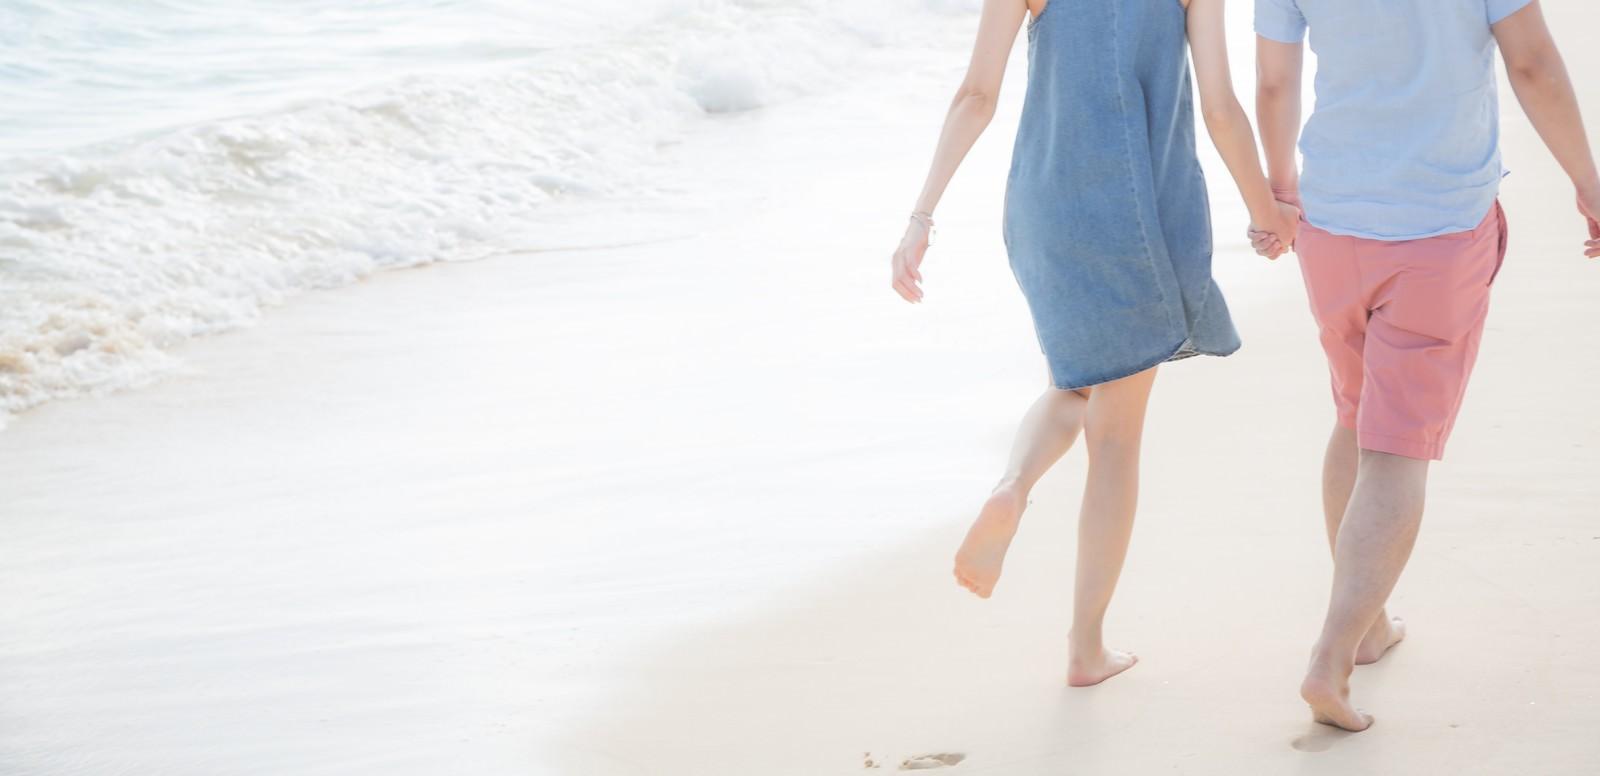 「砂浜に思い出と足跡を残すいい雰囲気の男女」の写真